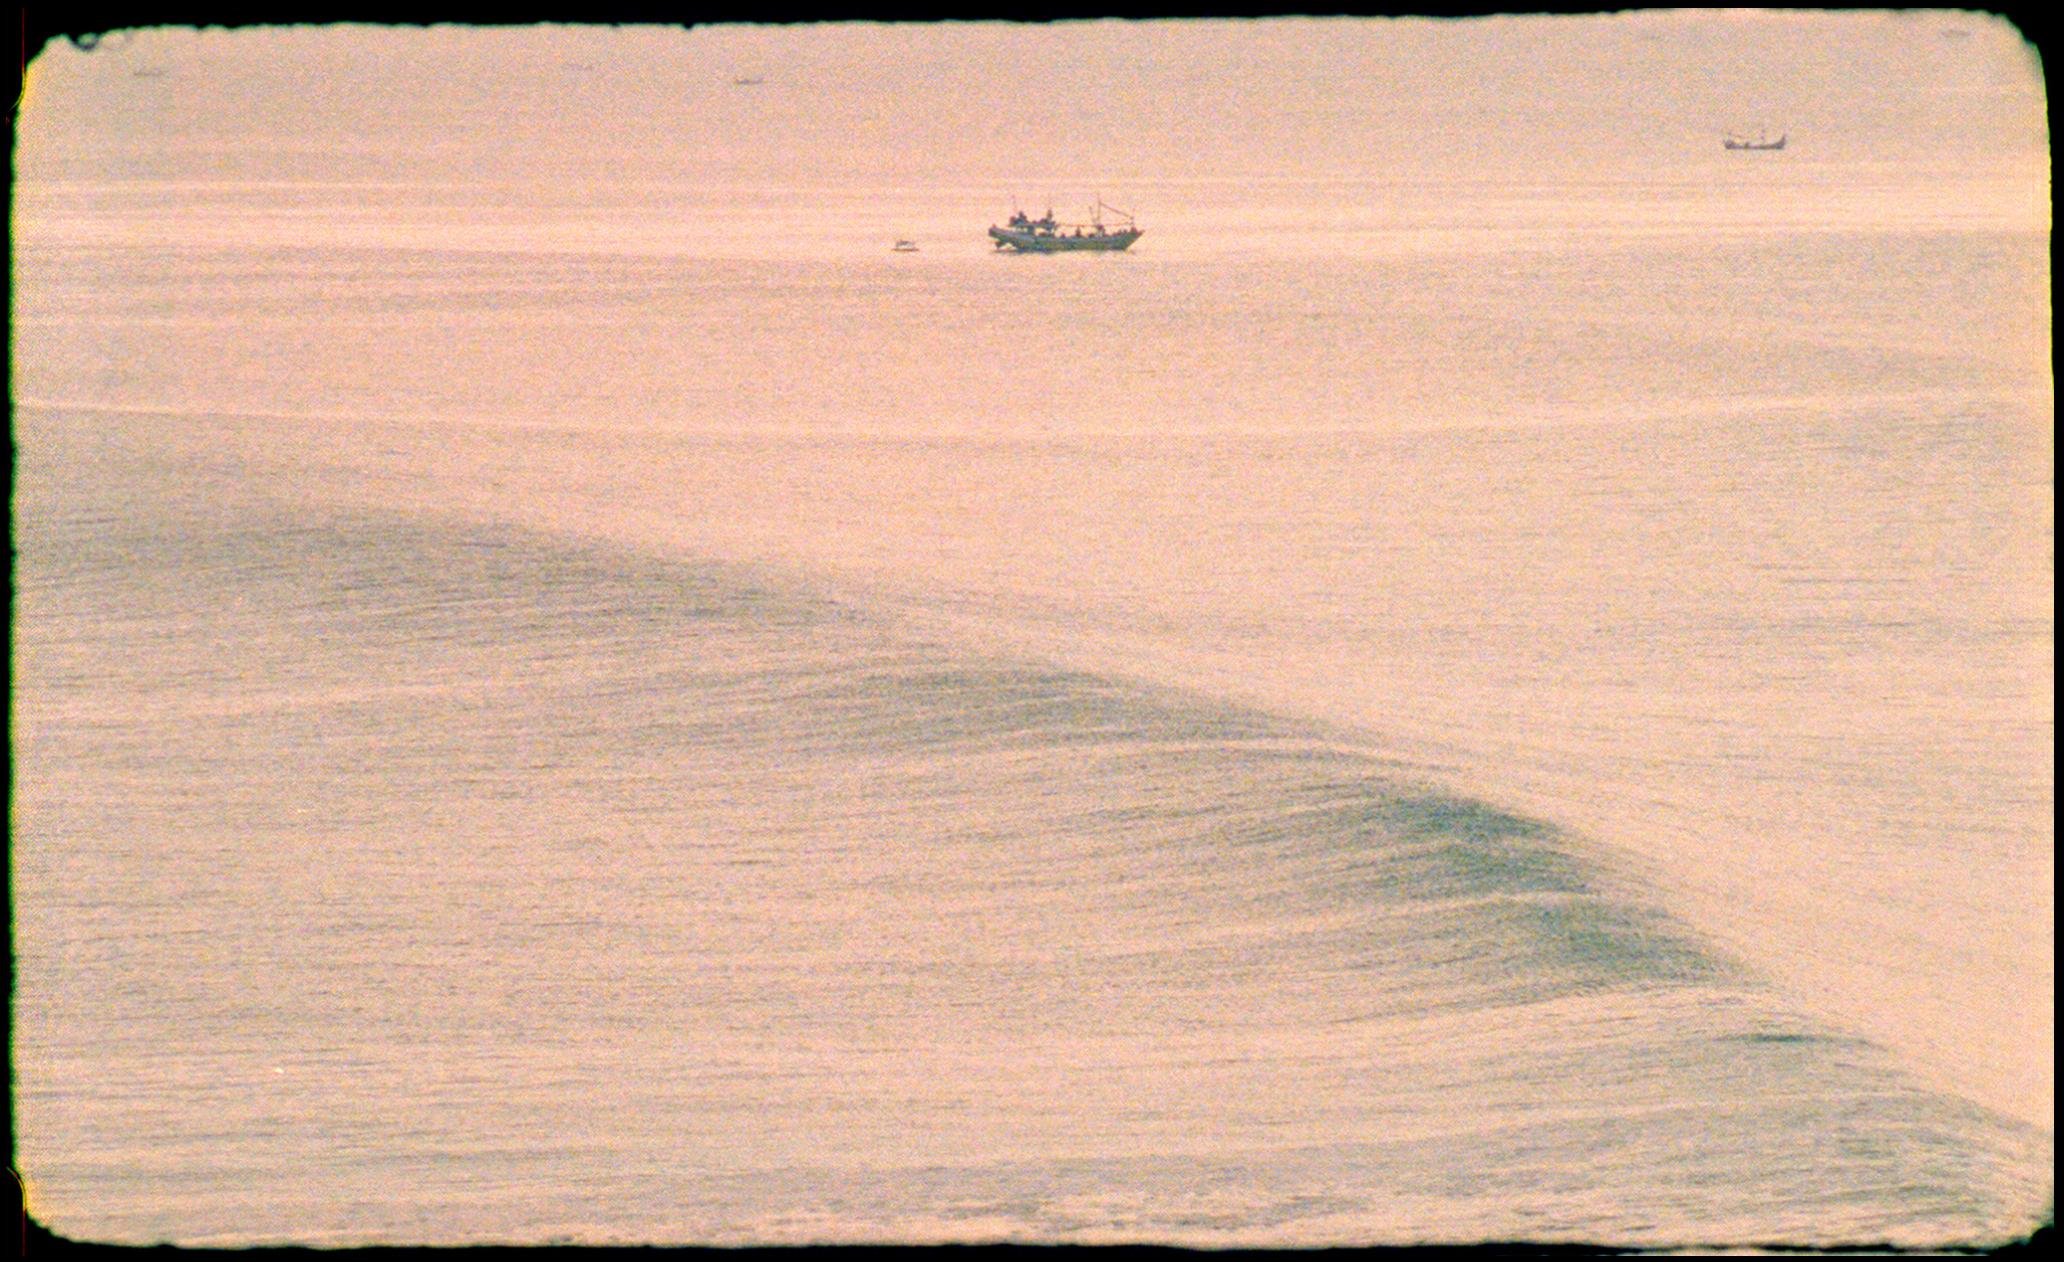 Hangs Upon Nothing_11_S16mm_Indian Ocean Swell.jpg